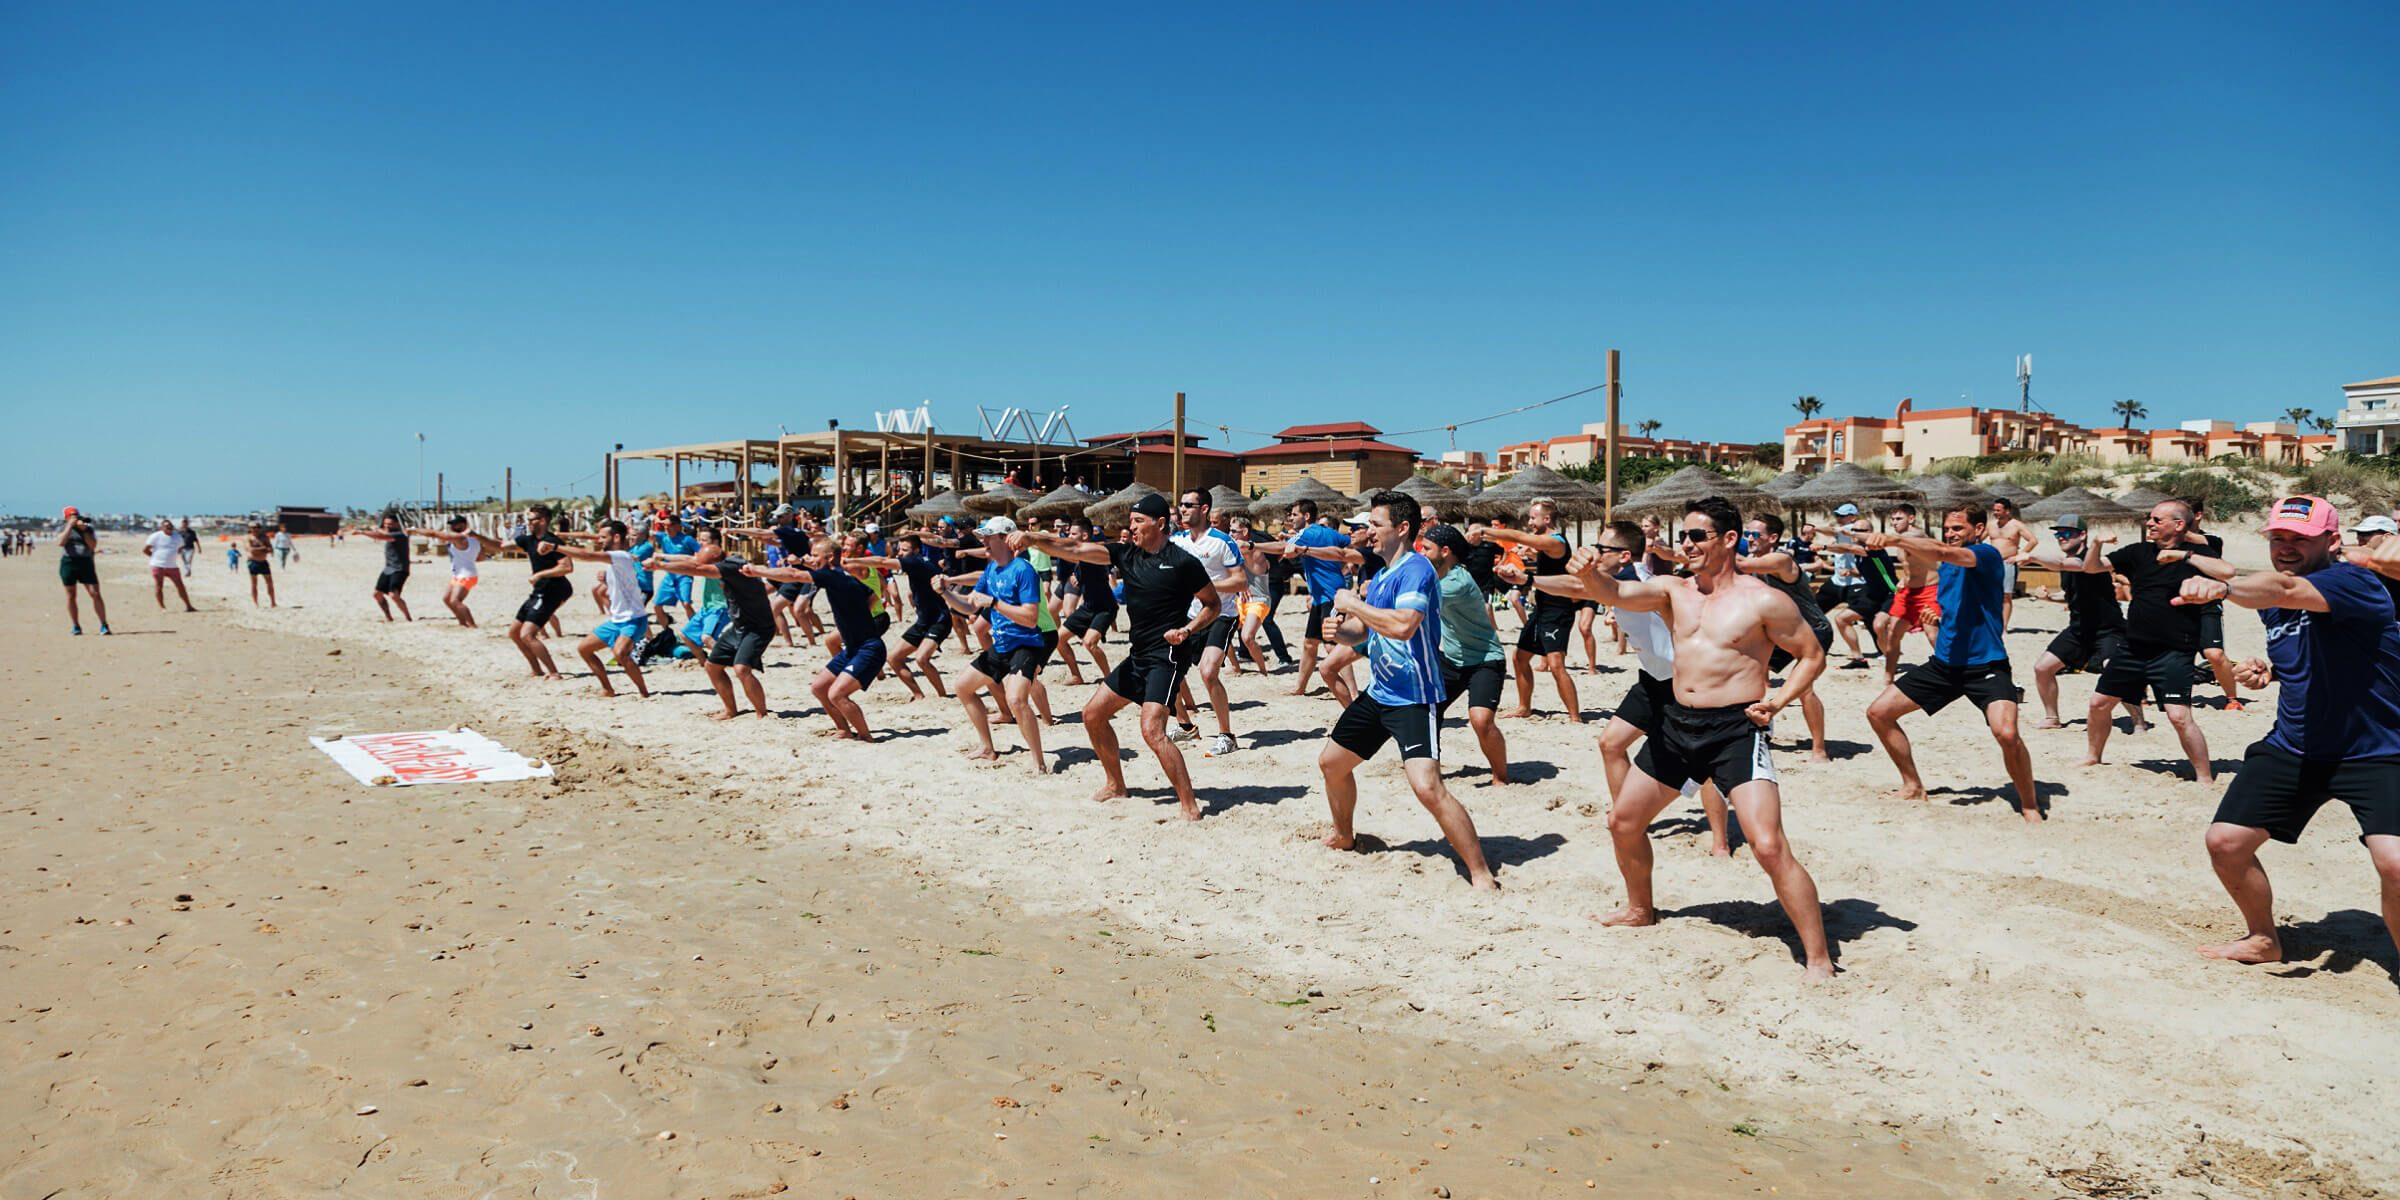 Die Kampftechnik wird in der Gruppe am nahe gelegenen Strand im Men´s-Health-Camp trainiert